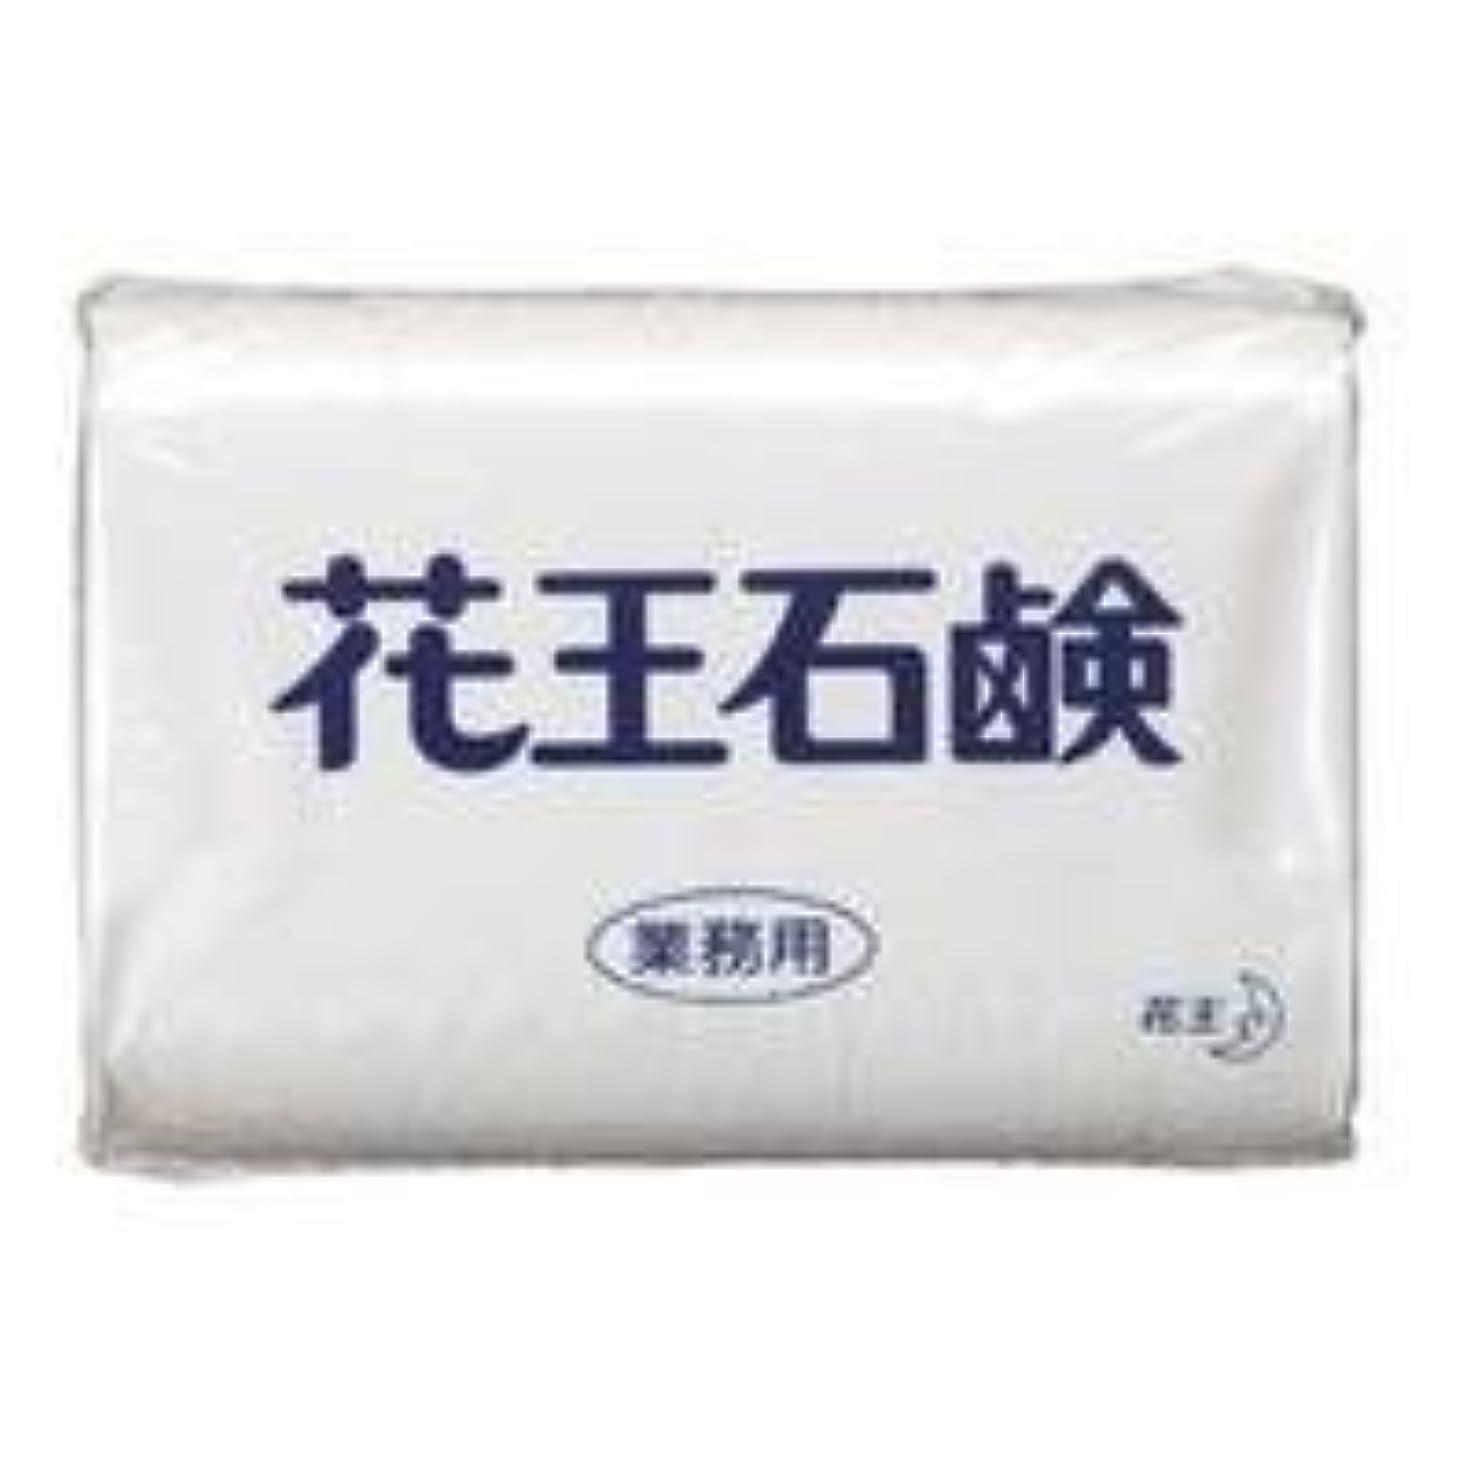 ホイップスタック教授業務用石鹸 85g 3個×40パック(120個入り)